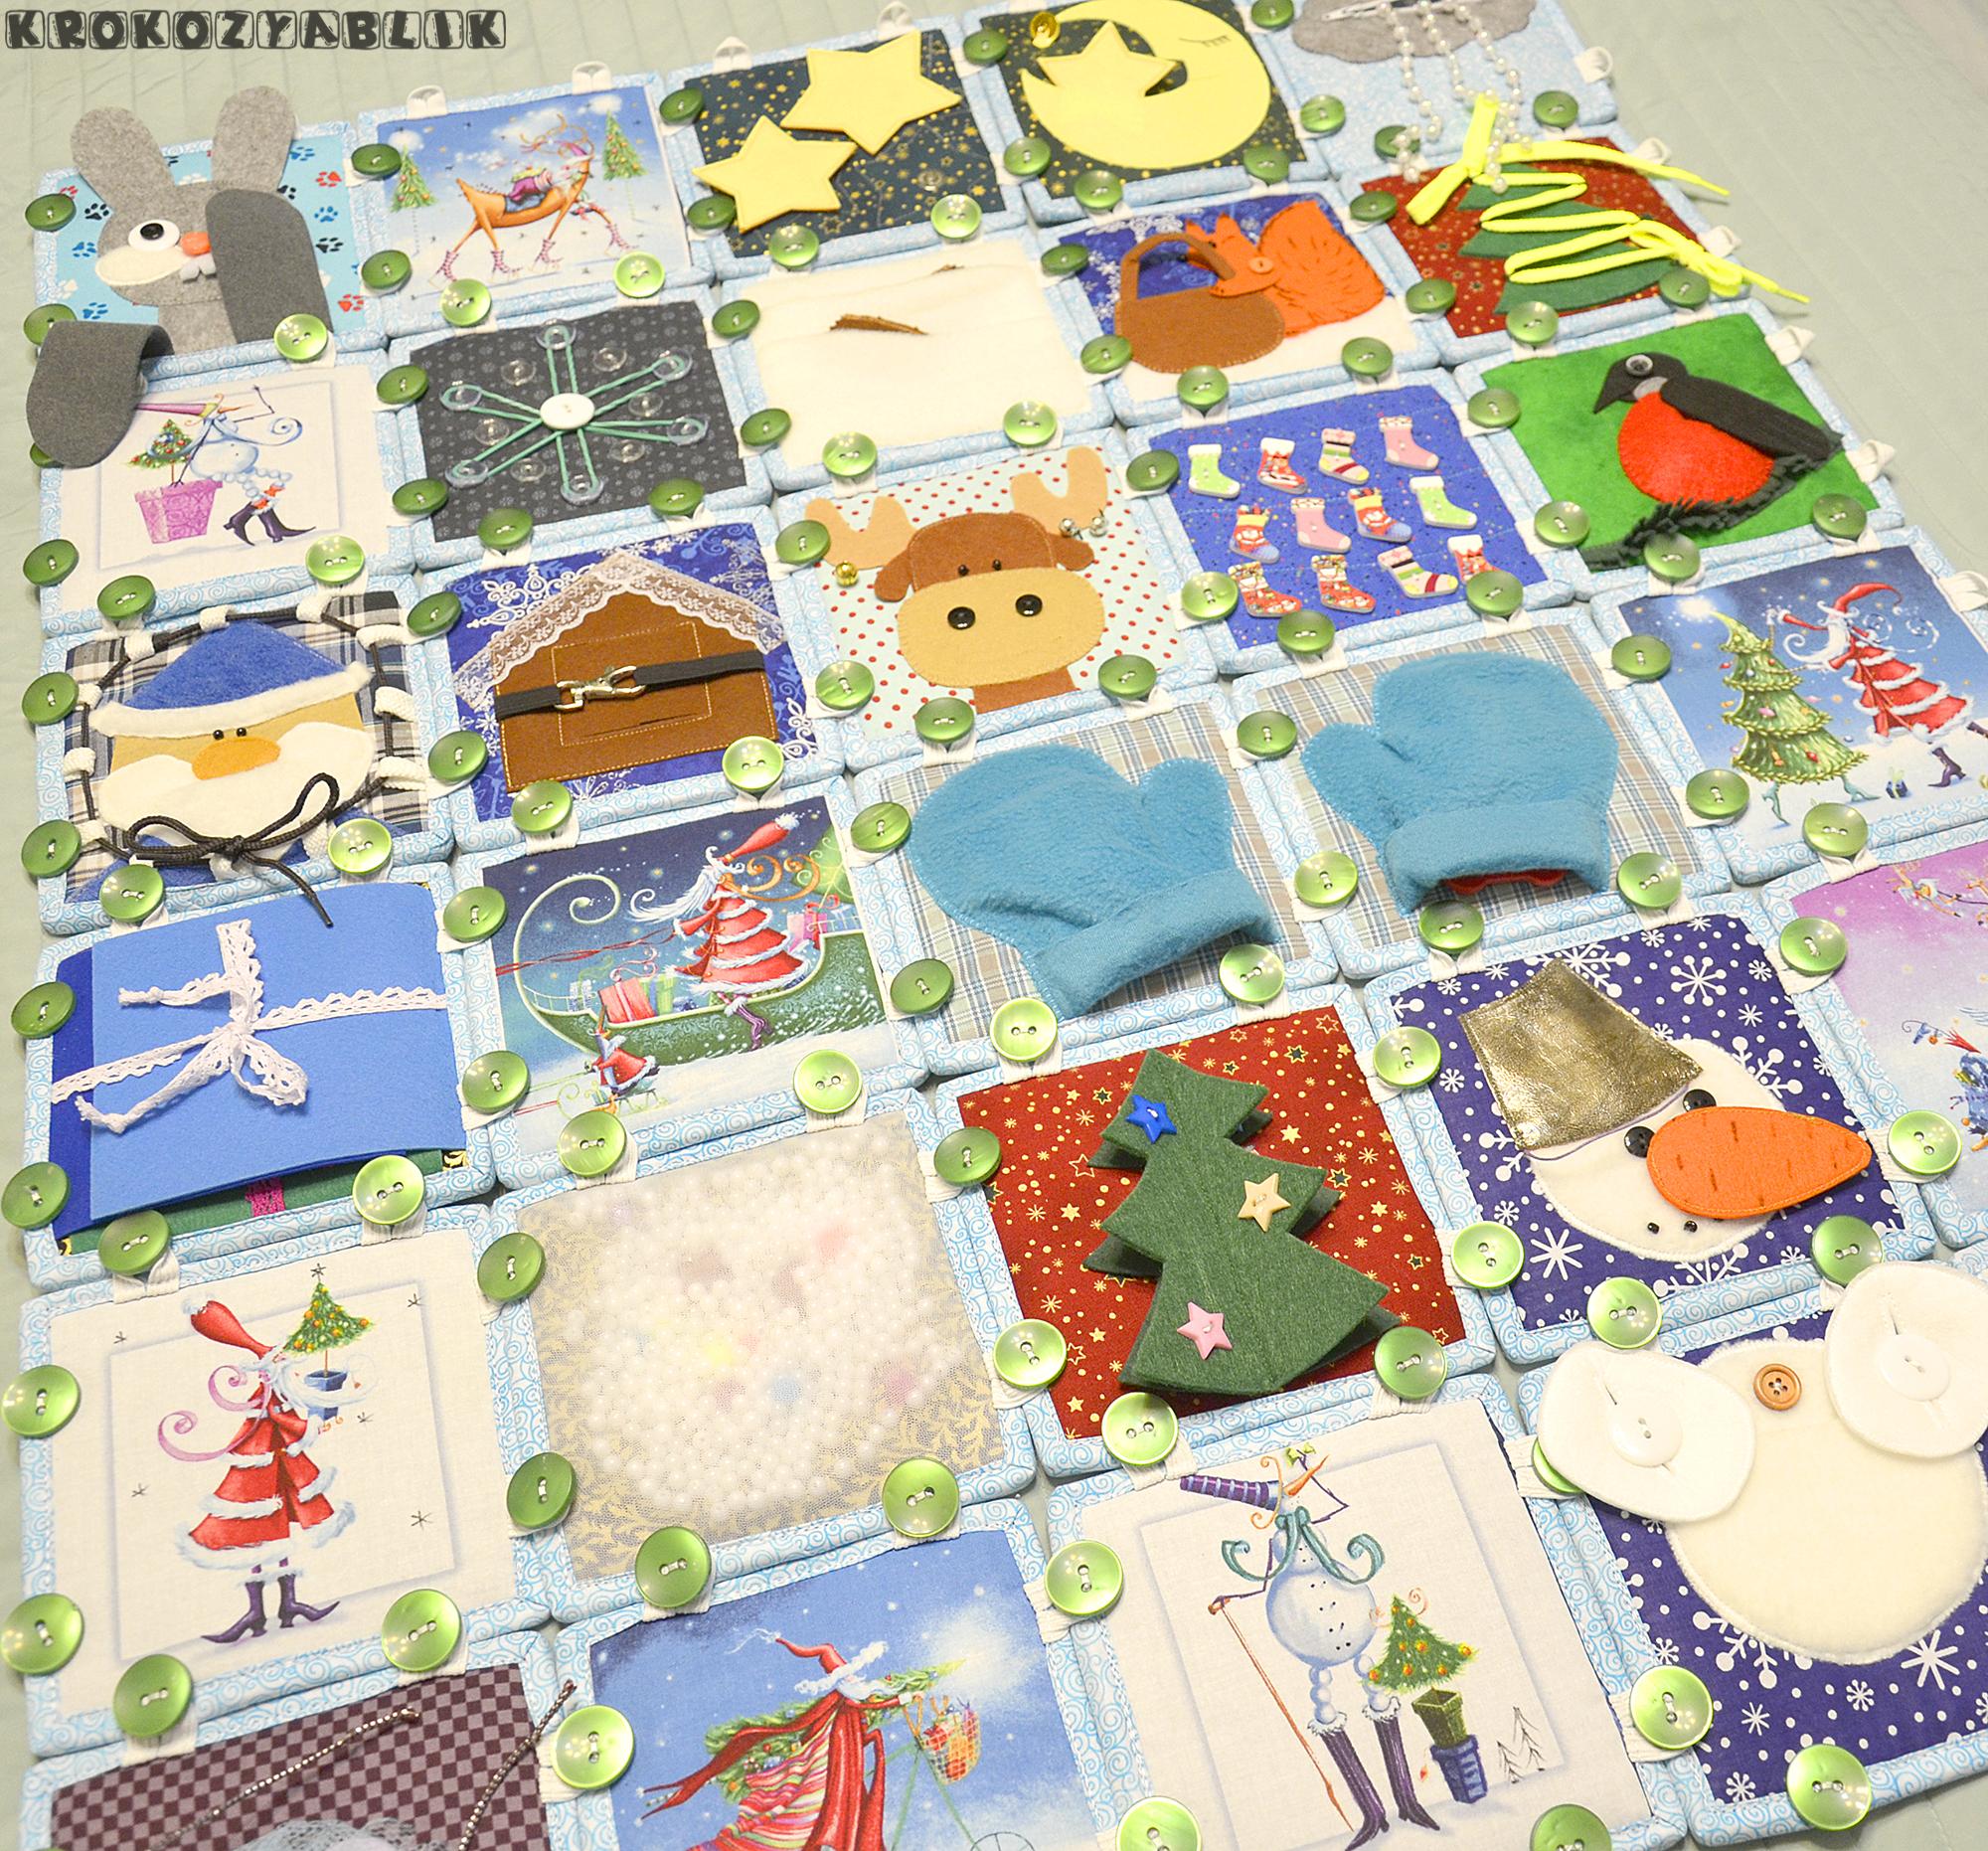 новогодние кубики плюс коврик (4).JPG